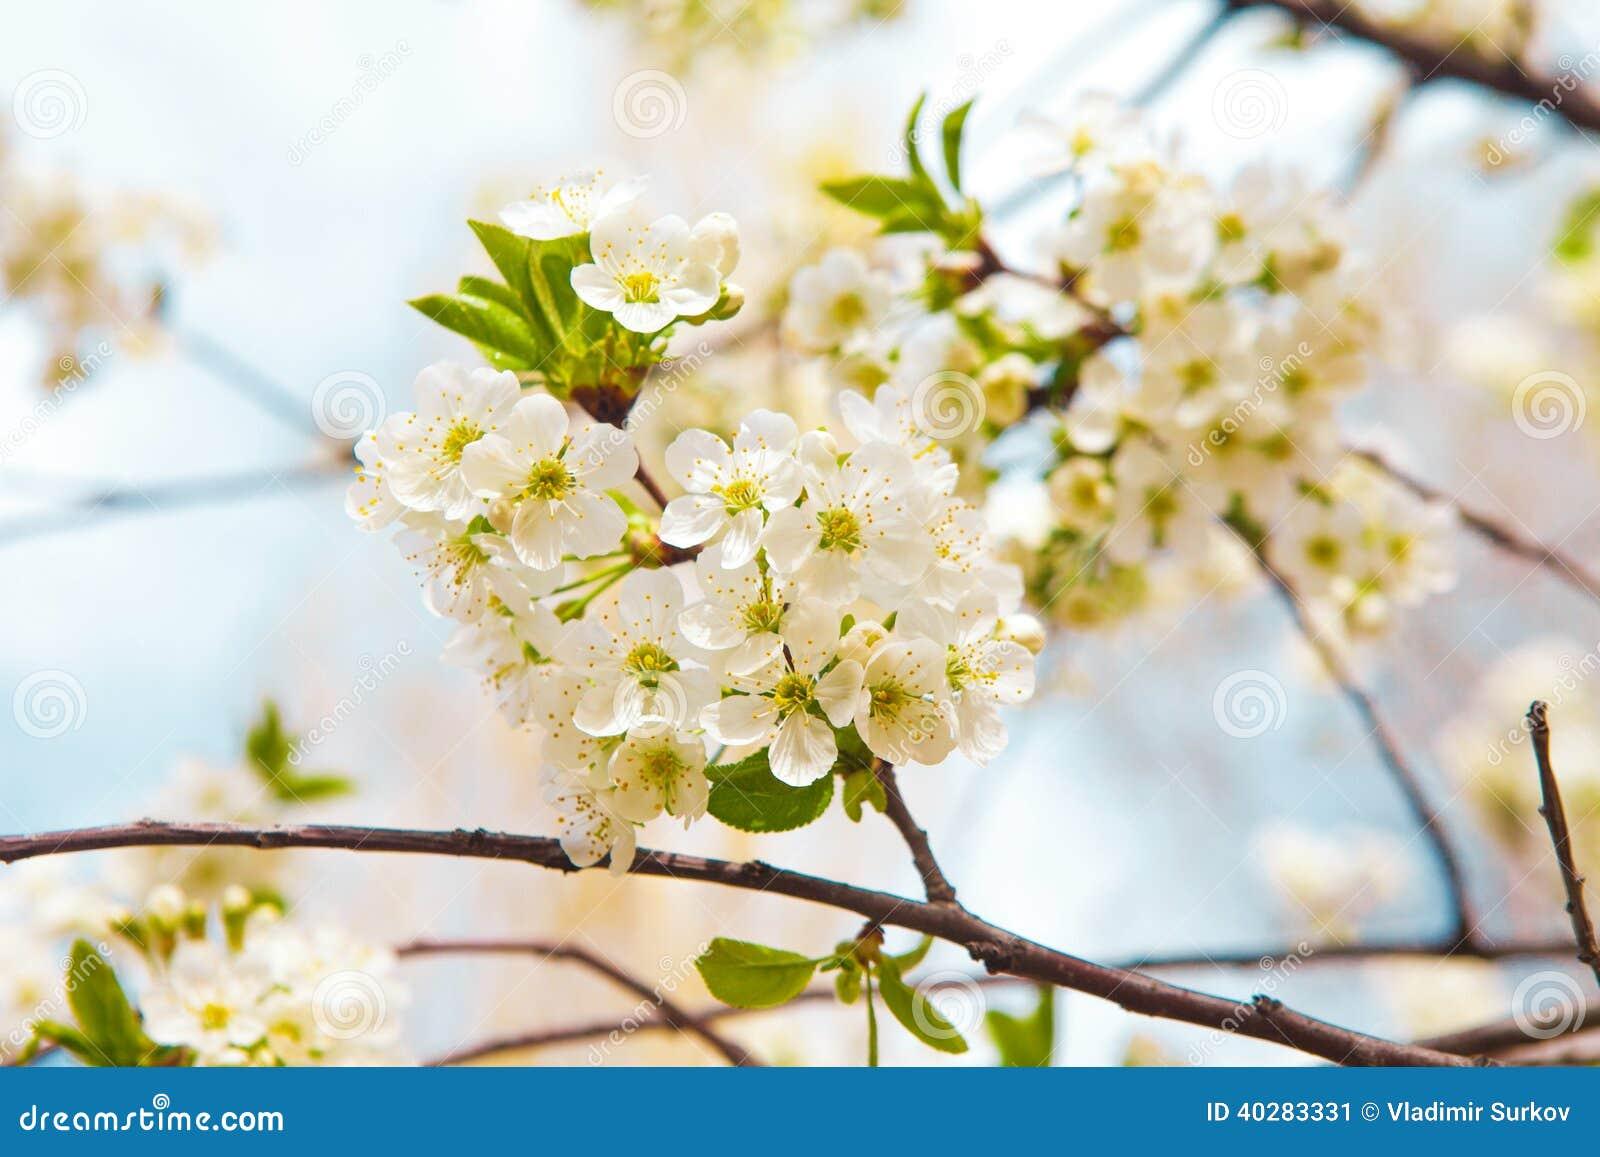 Цветки дерева весной